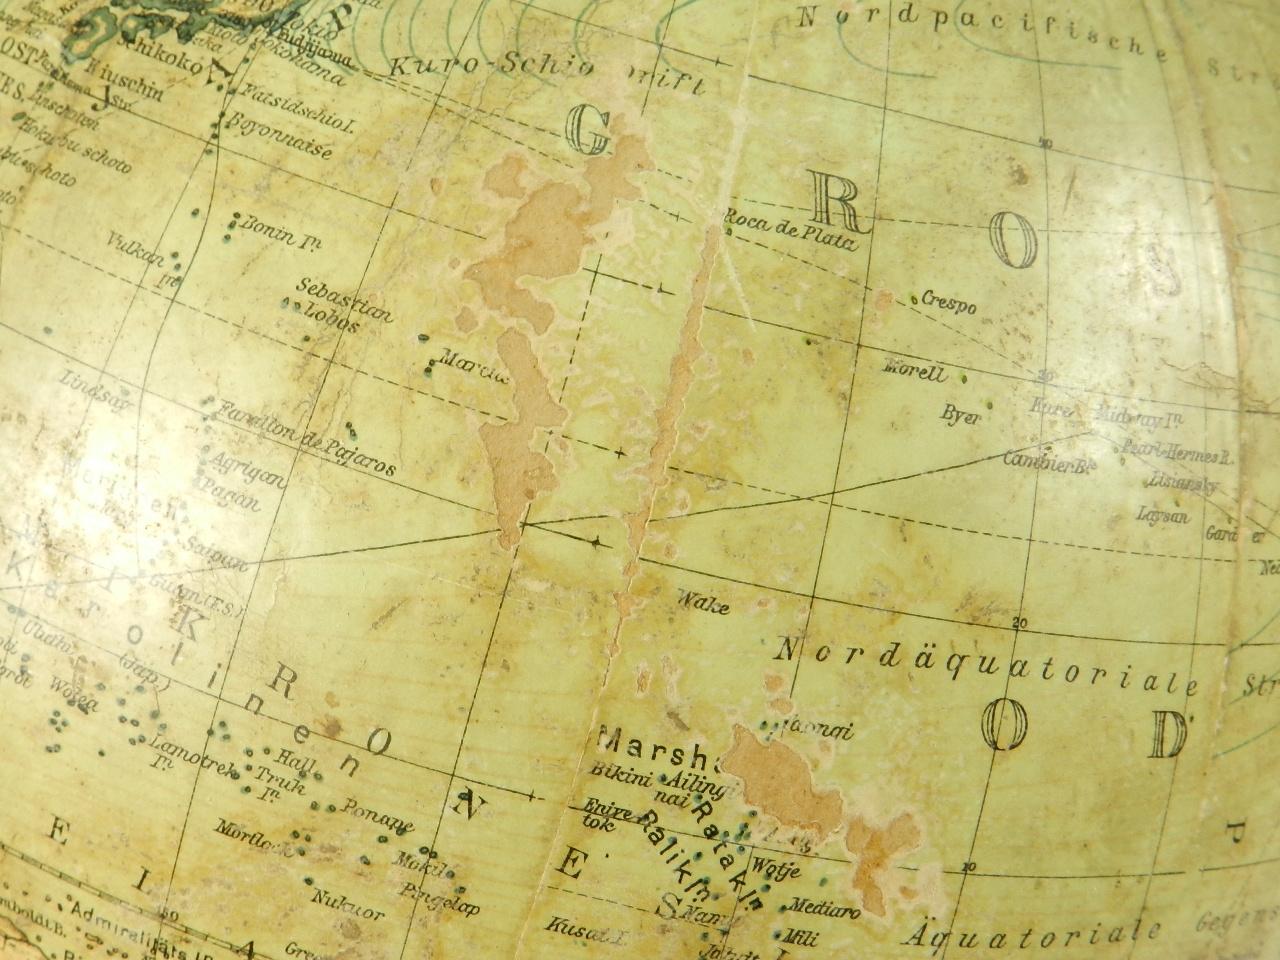 Imagen GLOBO TERRÁQUEO COLUMBUS AÑO 1910 41015